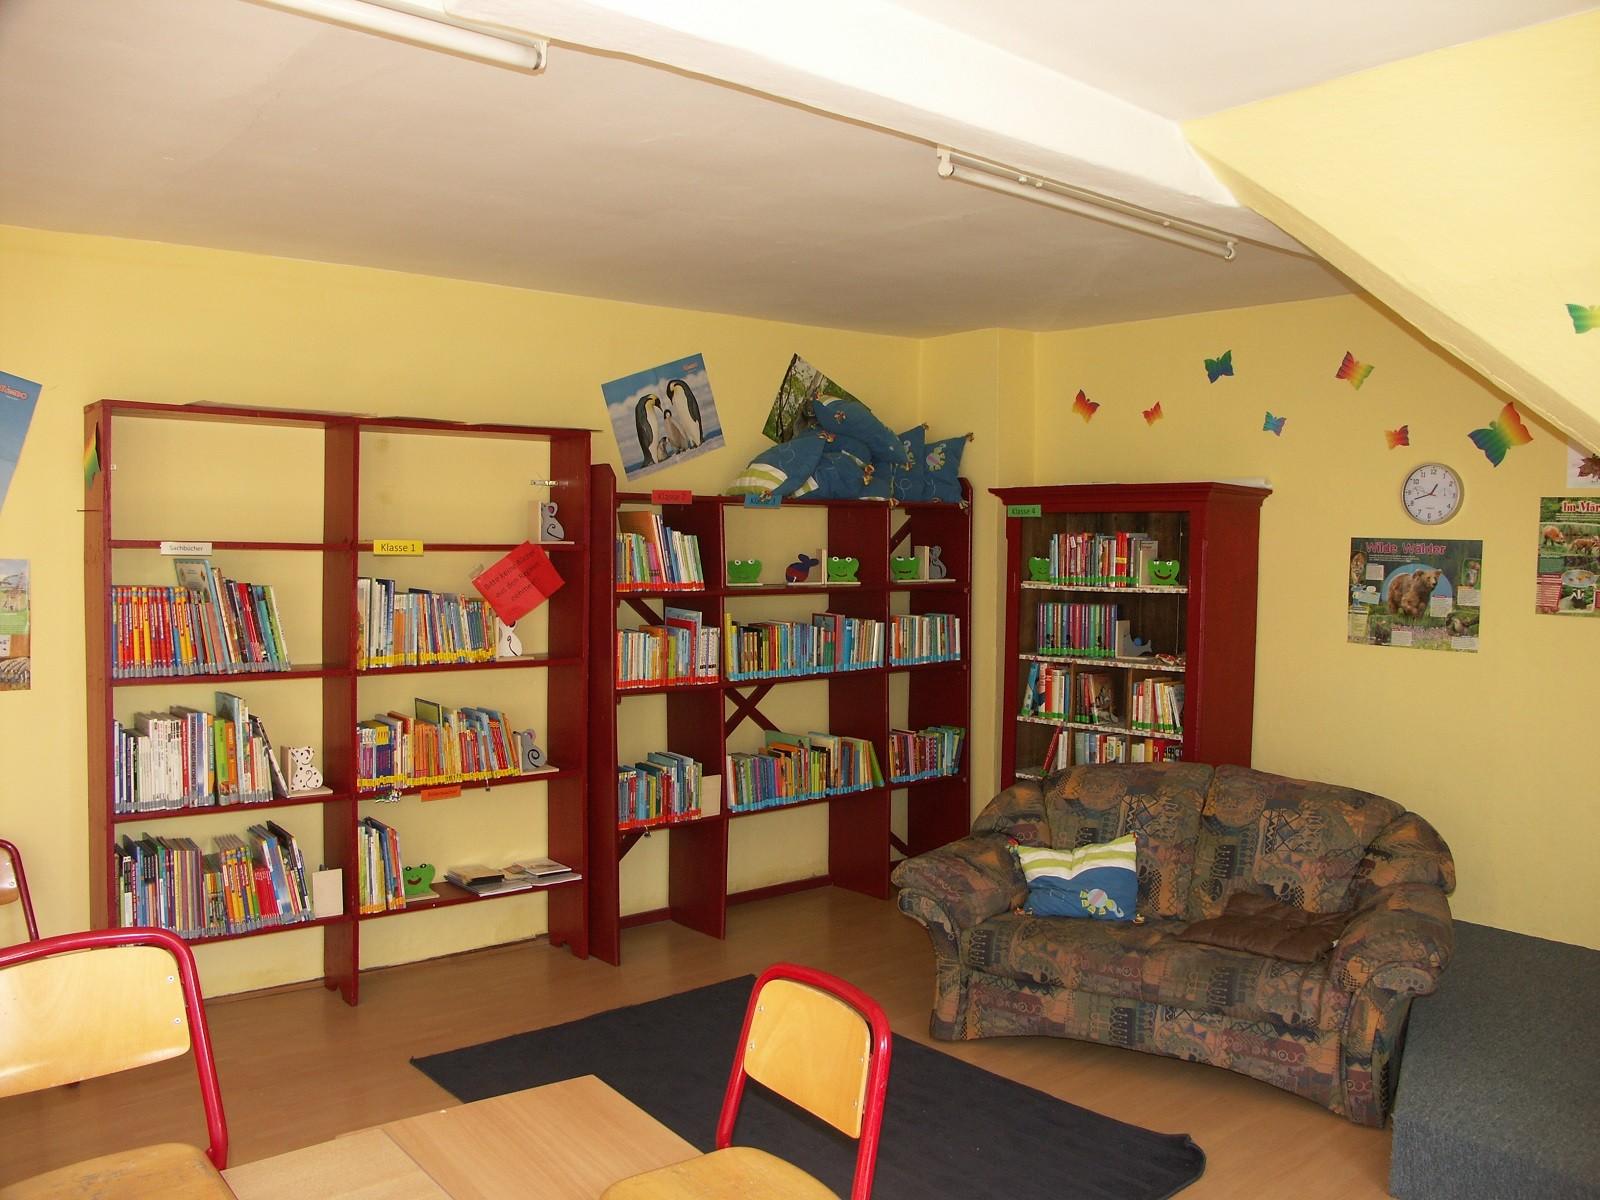 Unsere kleine aber gut sortierte Schülerbücherei